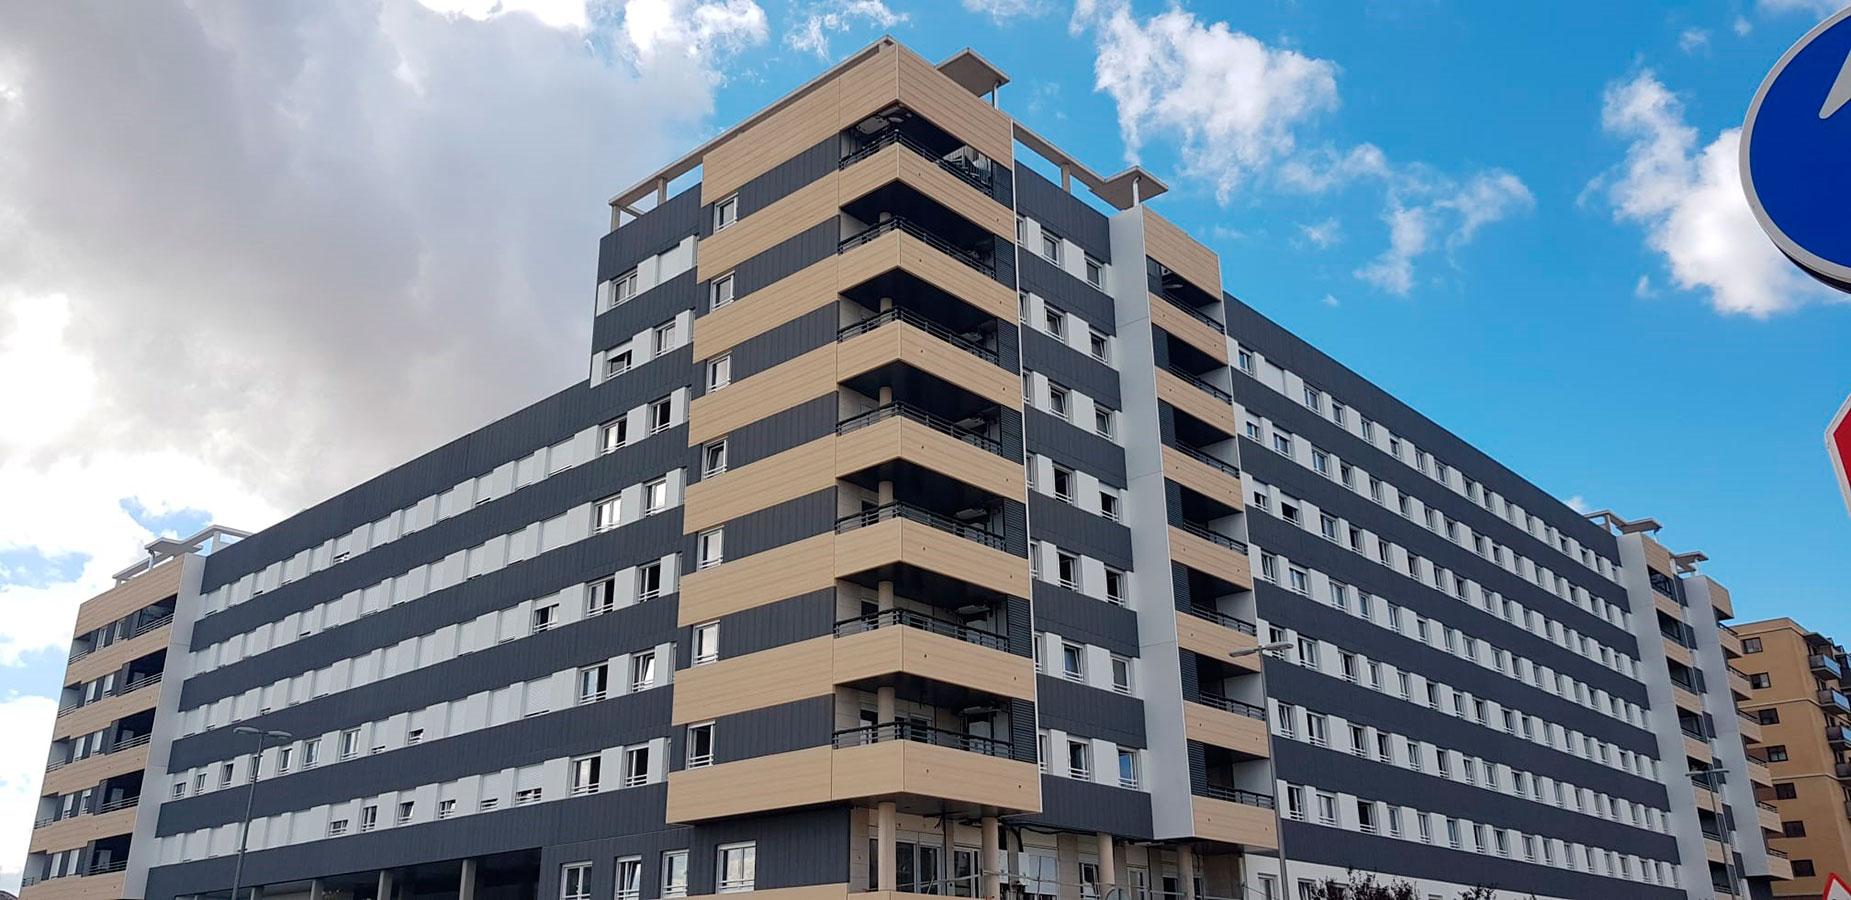 Edificio Arqus